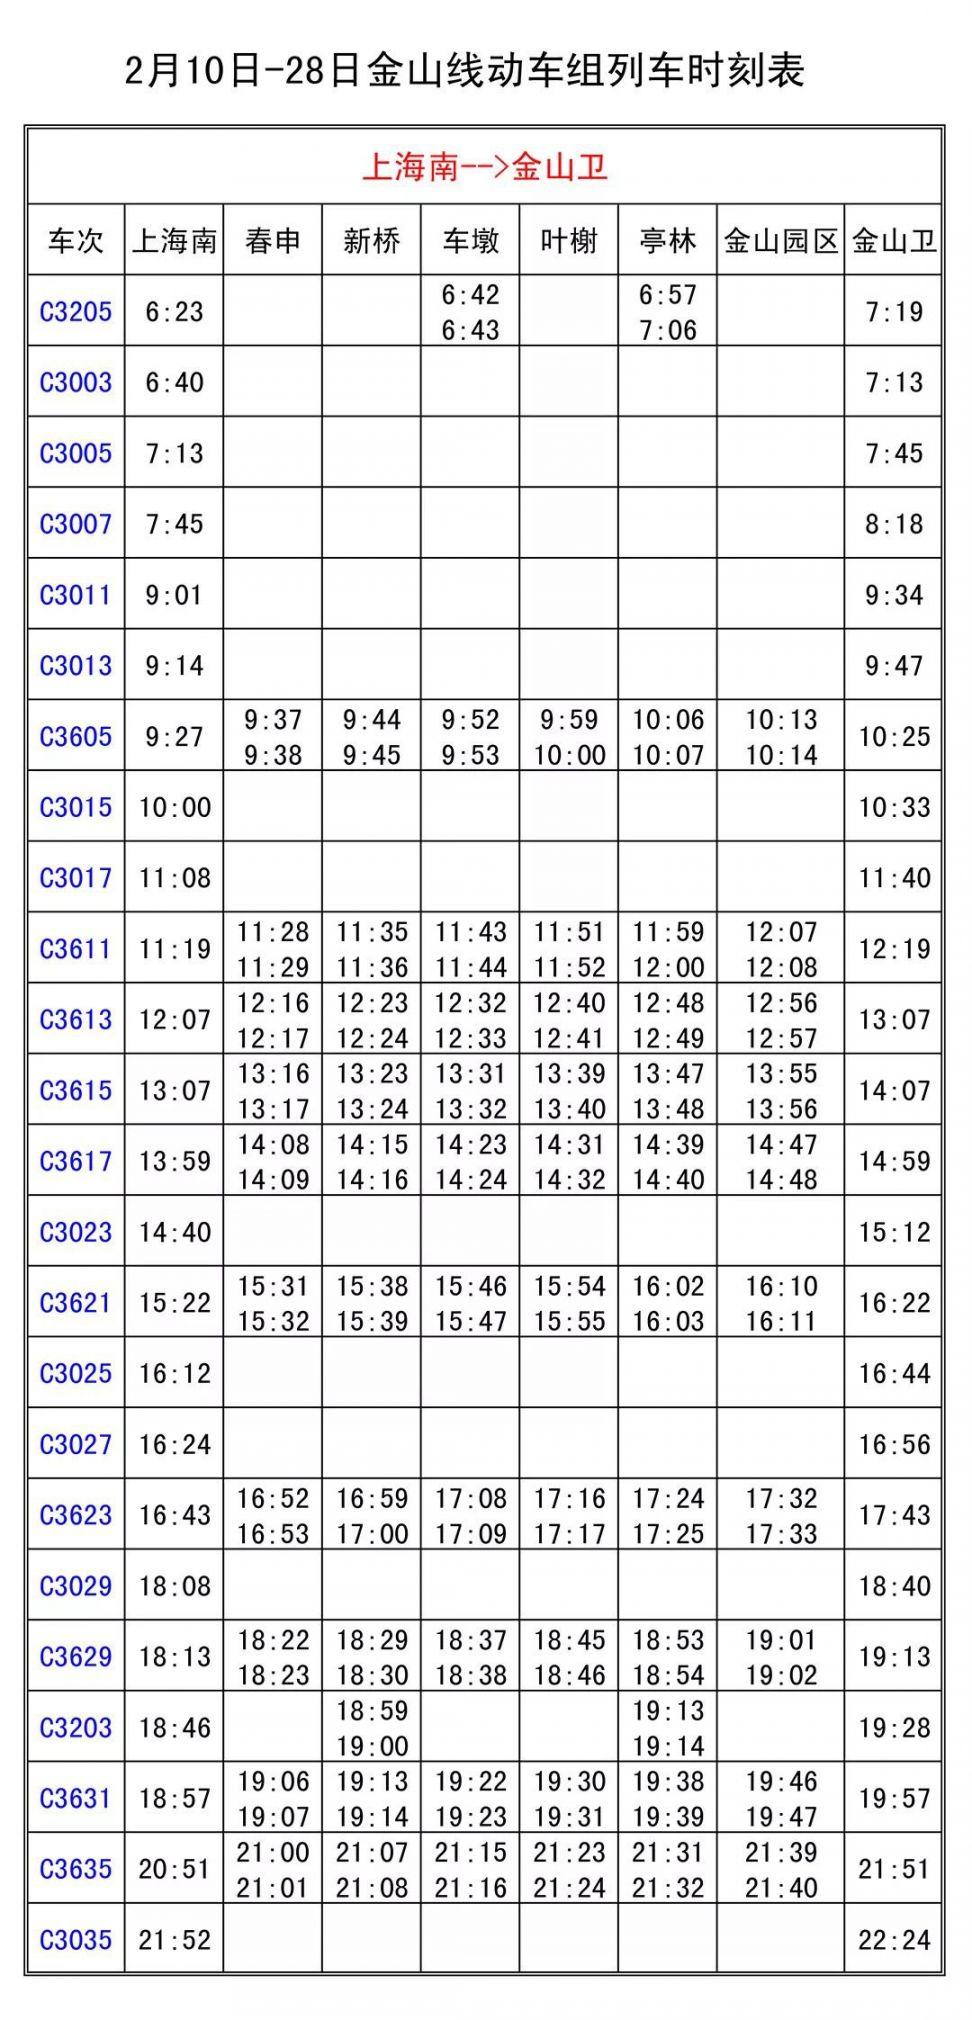 上海金山铁路2月10日至28日列车开行时刻表